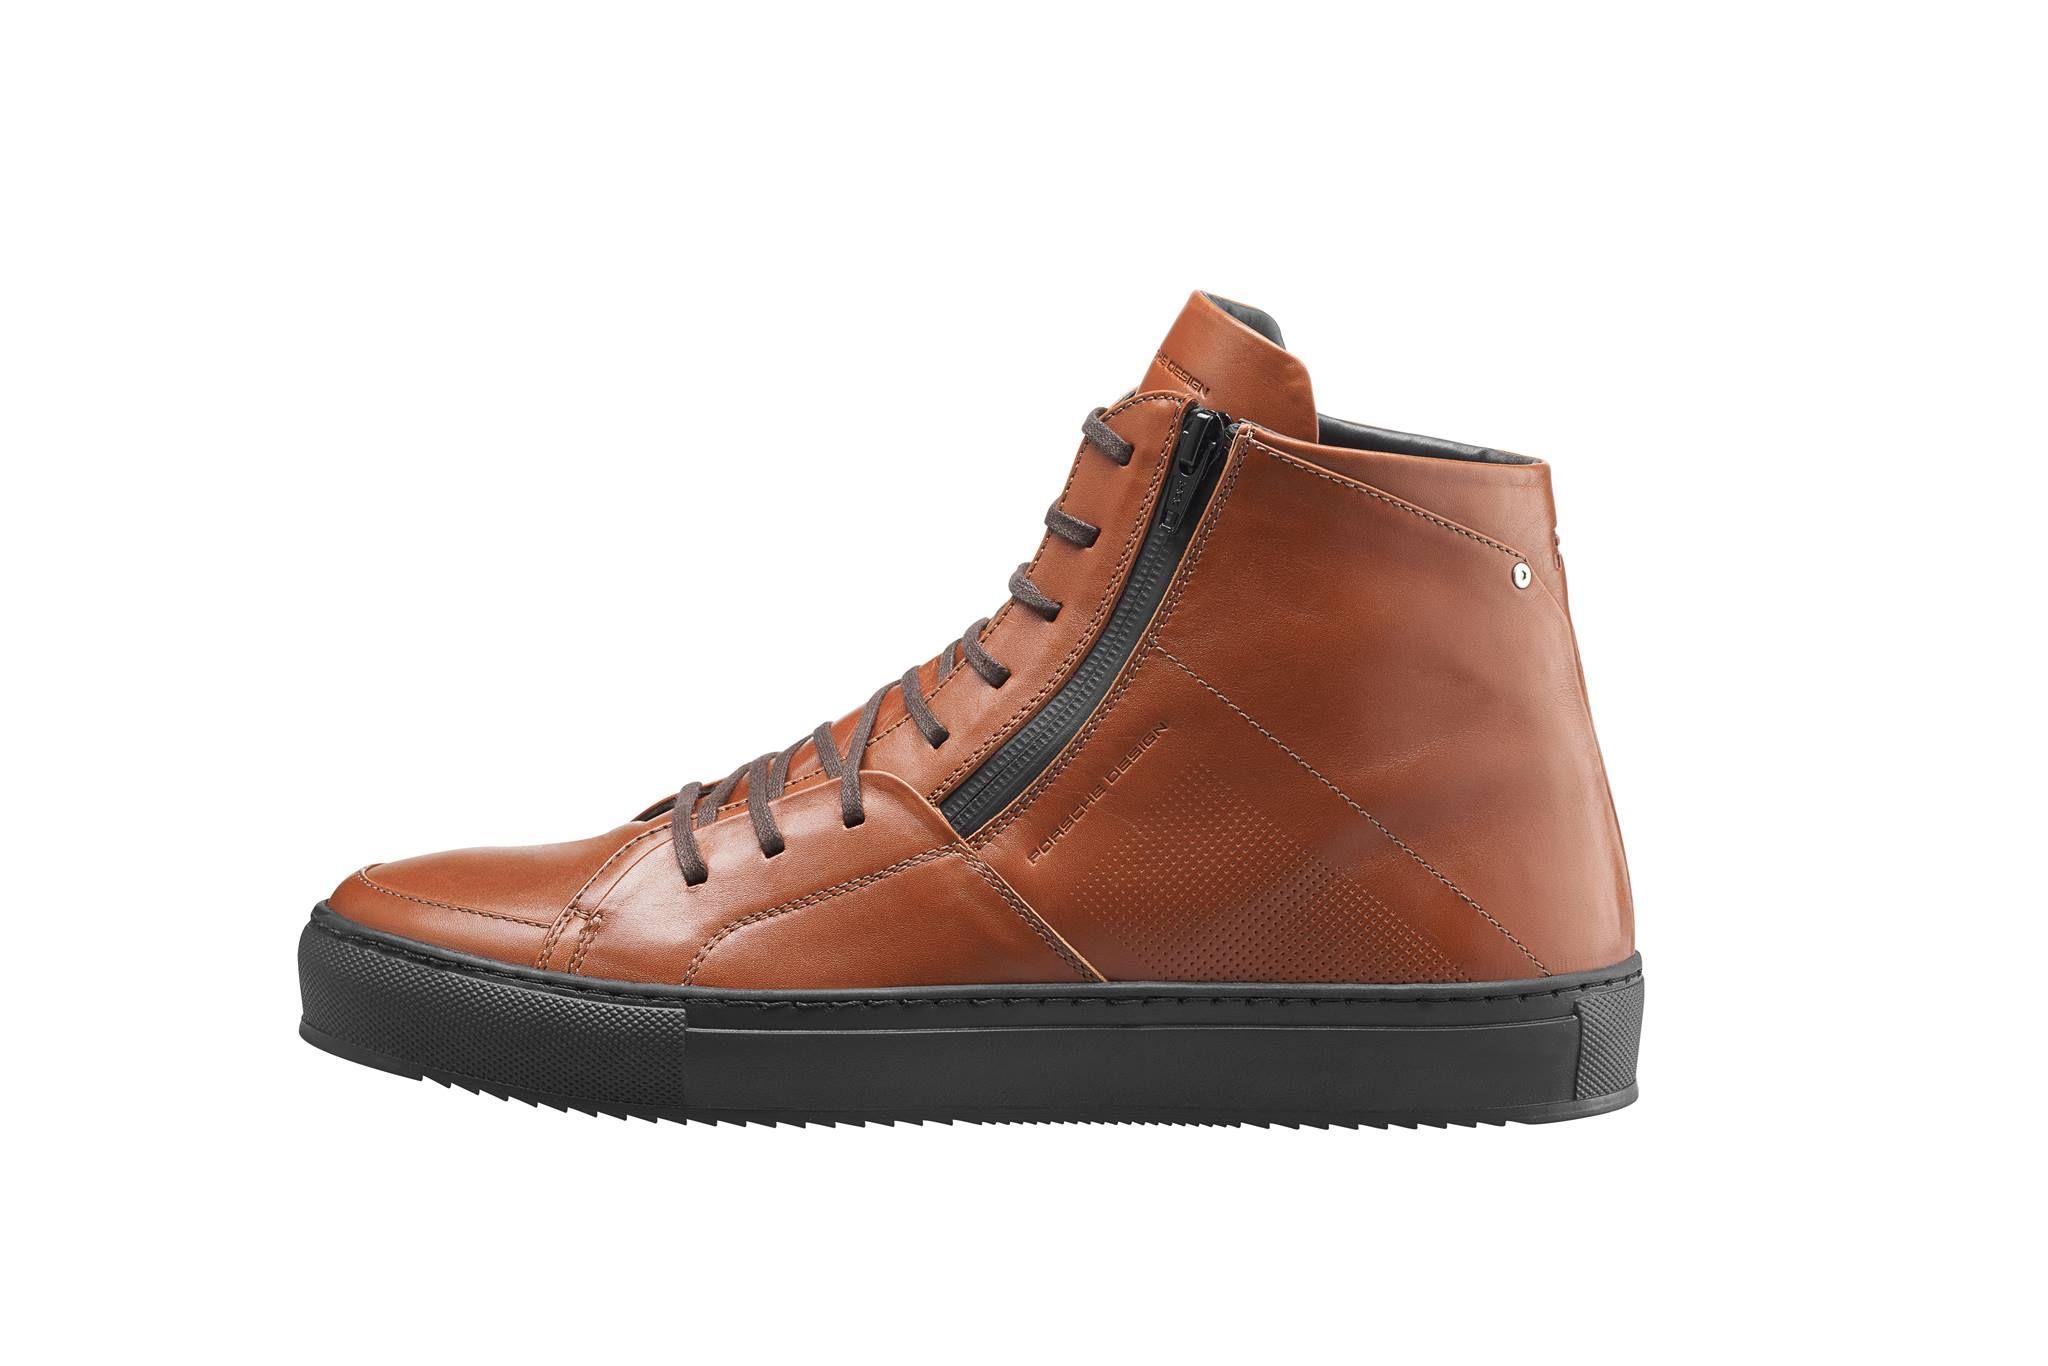 Fashionable Phoenix Ml1 Leather Boots By Porsche Design For A Clear Attitude Leather Boots Men S Shoes Porsche Design